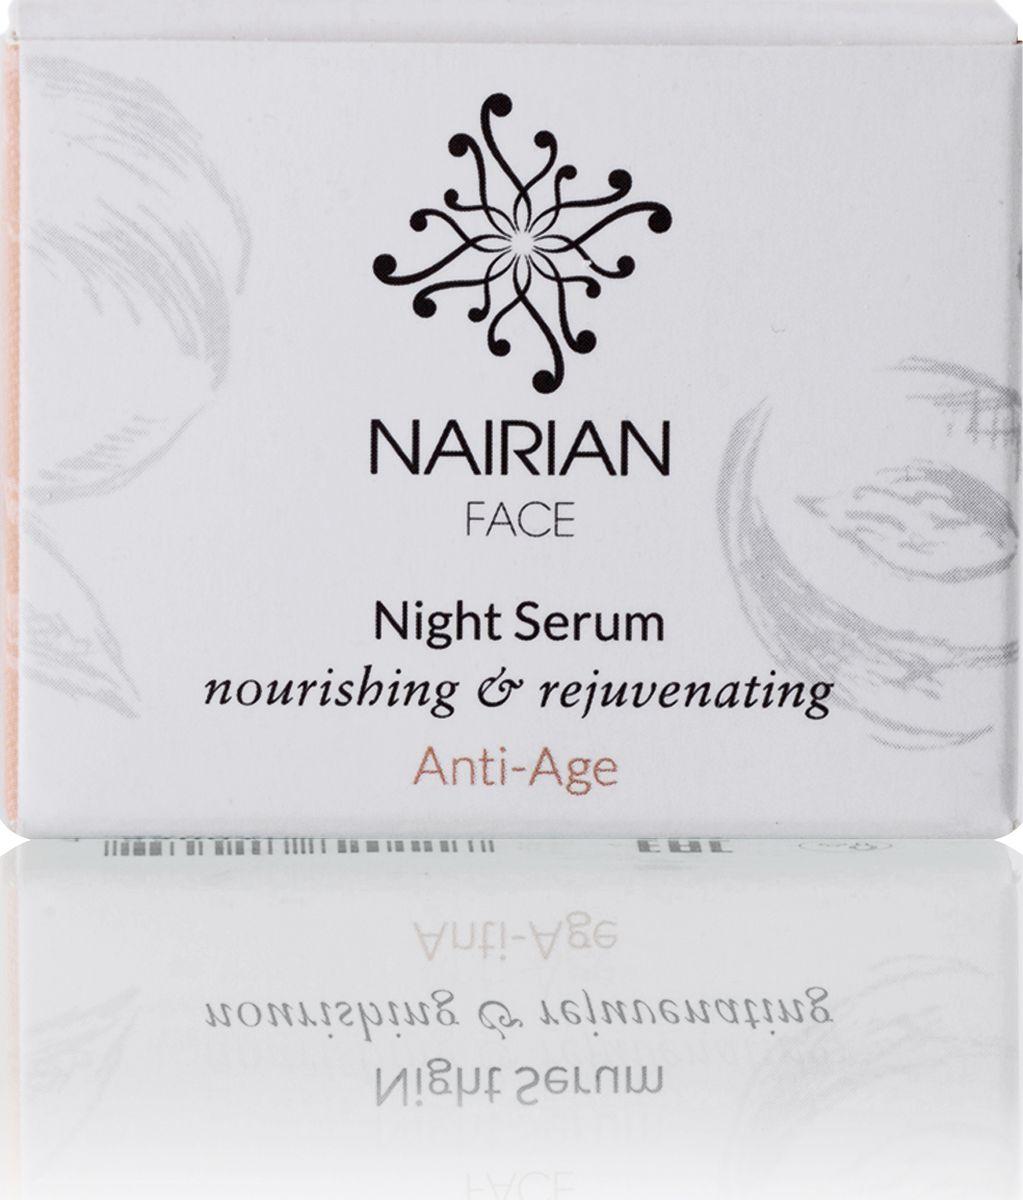 Nairian Омолаживающий ночной серум, 30 млNSFAG-01-0030Ночная сыворотка, которая заботится о вашем лице во время сна. Мягко воздействуя на кожу, натуральные ингредиенты сыворотки обеспечивают регенерацию и омоложение. Облепиховое масло и масло семян шиповника препятствуют раннем старению и заживляют микрораны; богатое витаминами А и Е масло абрикосовых косточек увлажняет и питает сухую и возрастную кожу; а шелковистое кокосовое масло помогает восстановить и смягчить сухую кожу, предотвращая шелушение.